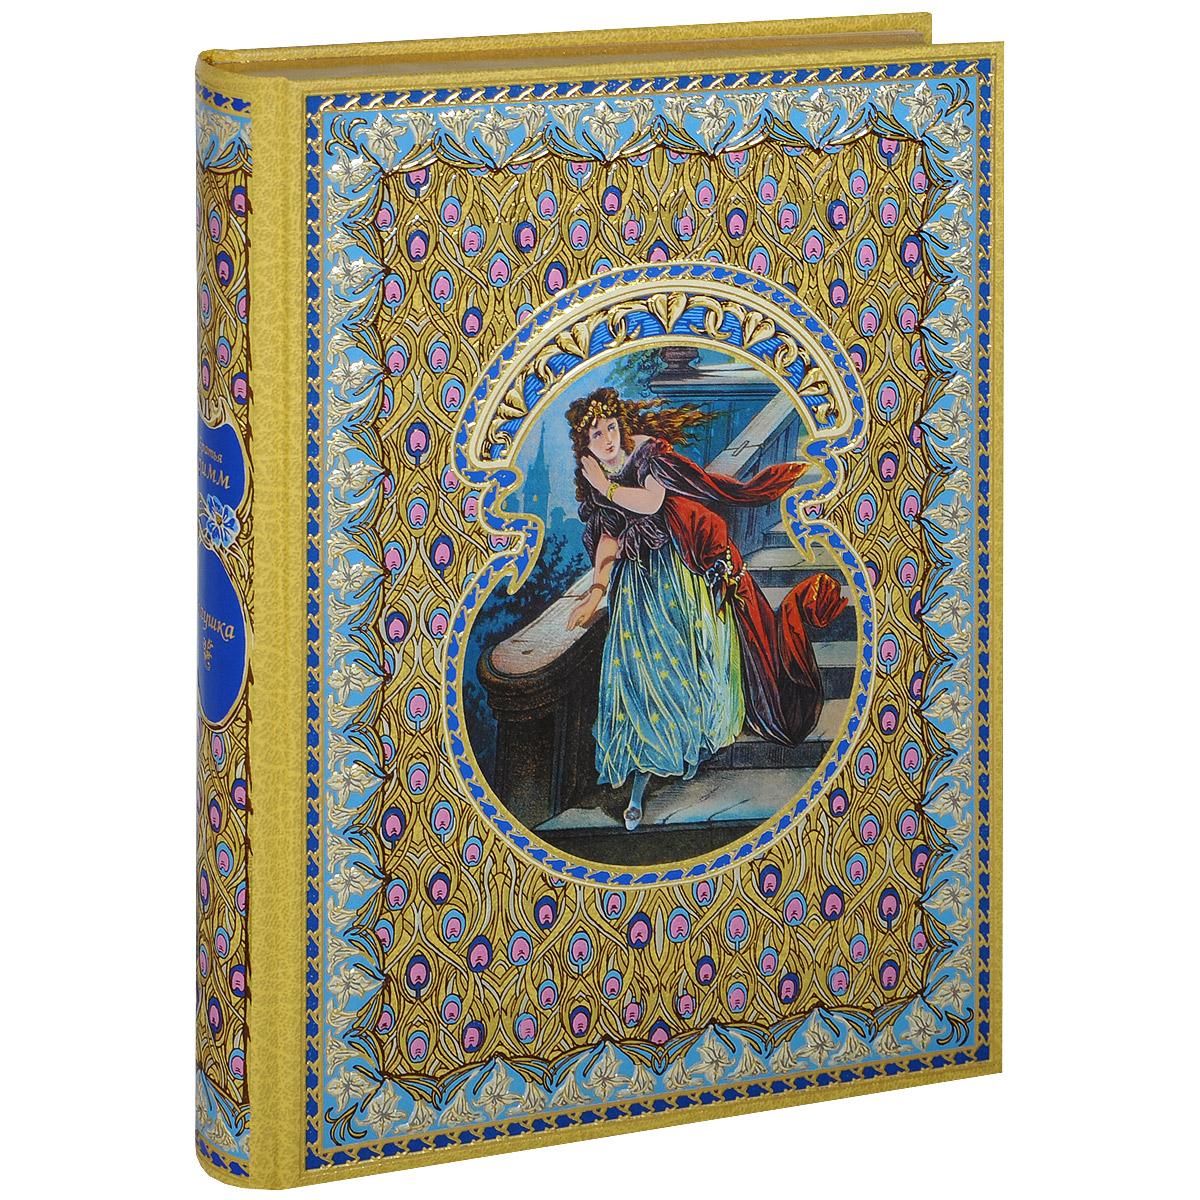 Братья Гримм Золушка (подарочное издание) лесные сказки подарочное издание 3 dvd